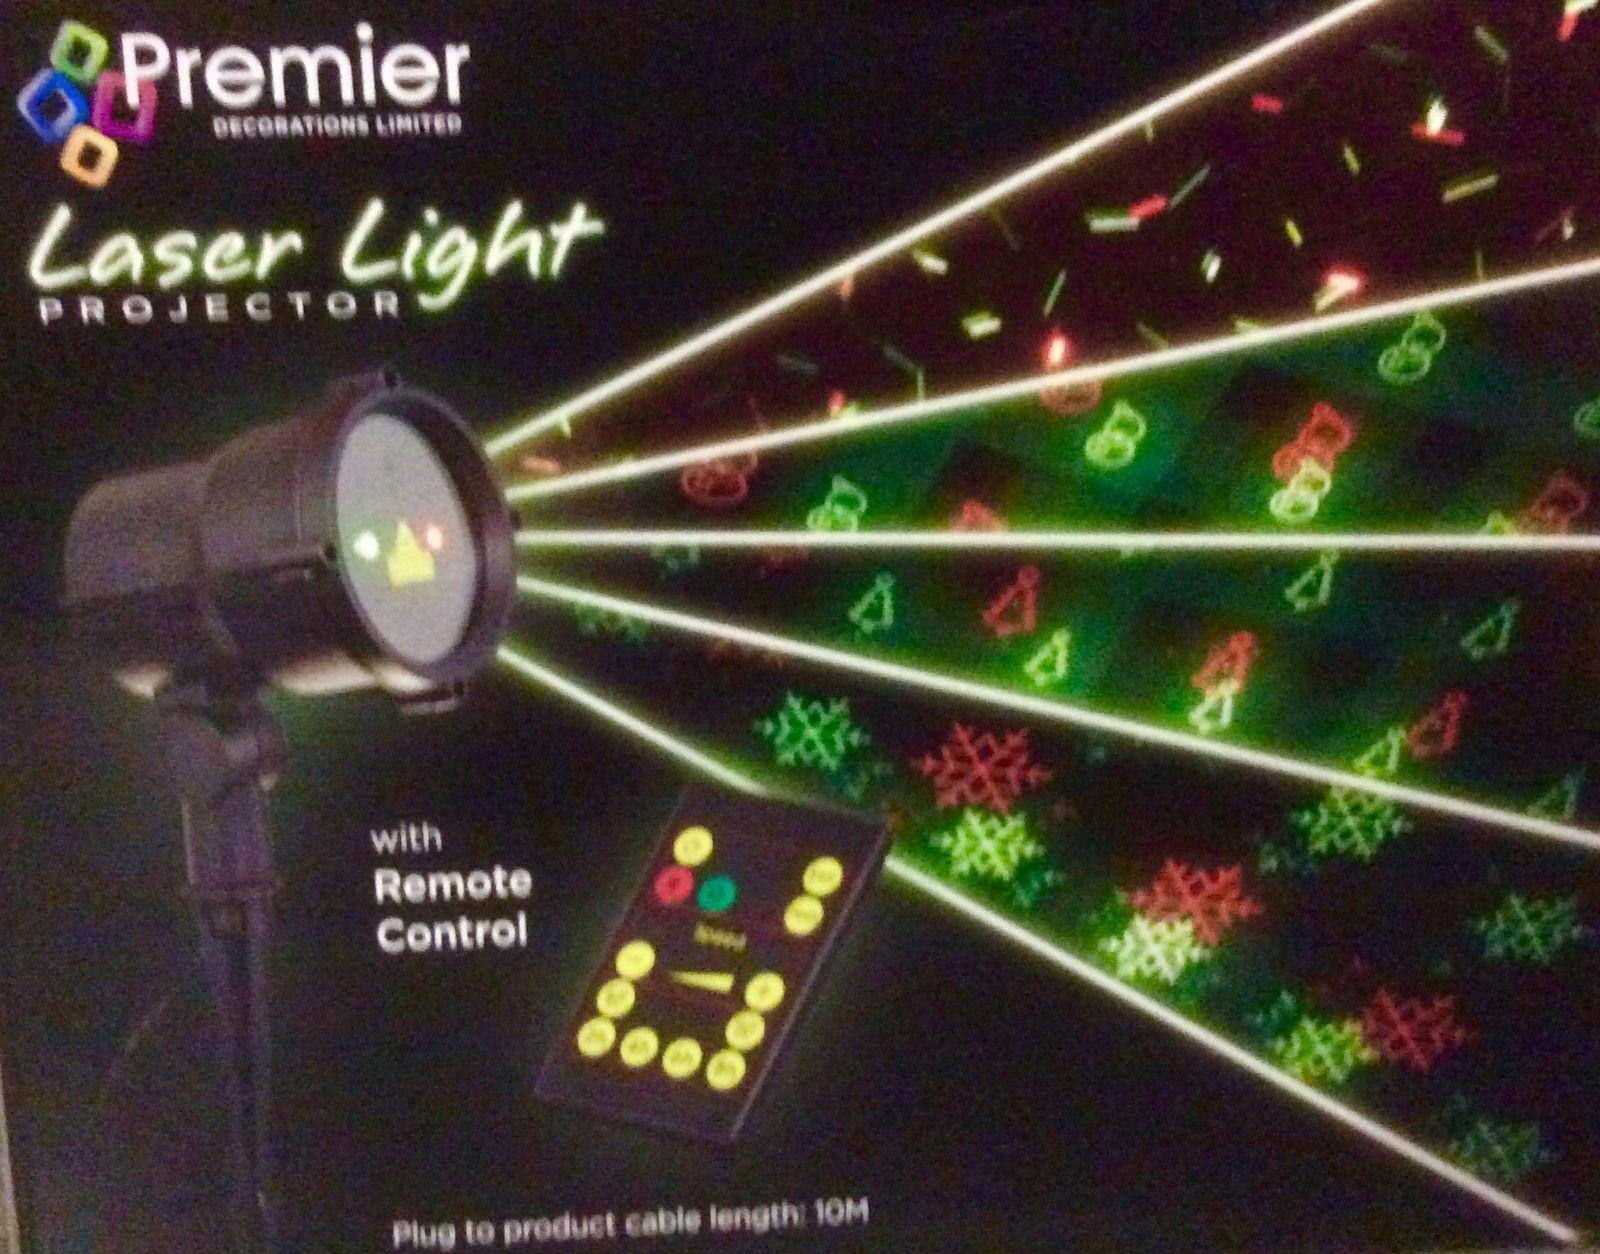 Premier lightprojector 8 Modèle de contrôle à distance laser lightprojector Premier Noël display vente 0d6463